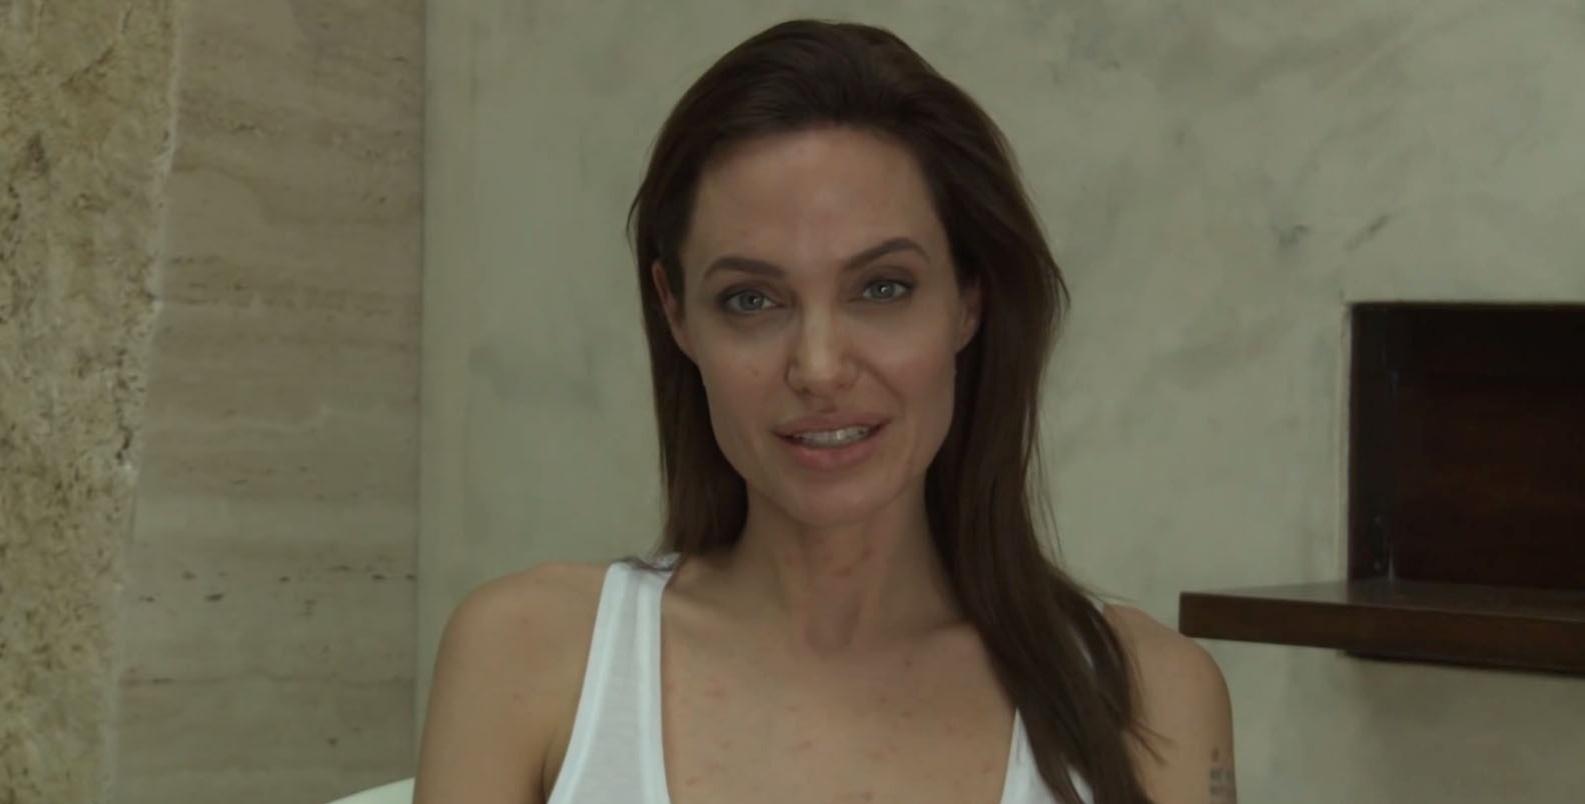 12.dez.2014 - A Universal Pictures divulgou um vídeo em que Angelina Jolie explica que cancelou a participação nos eventos do filme